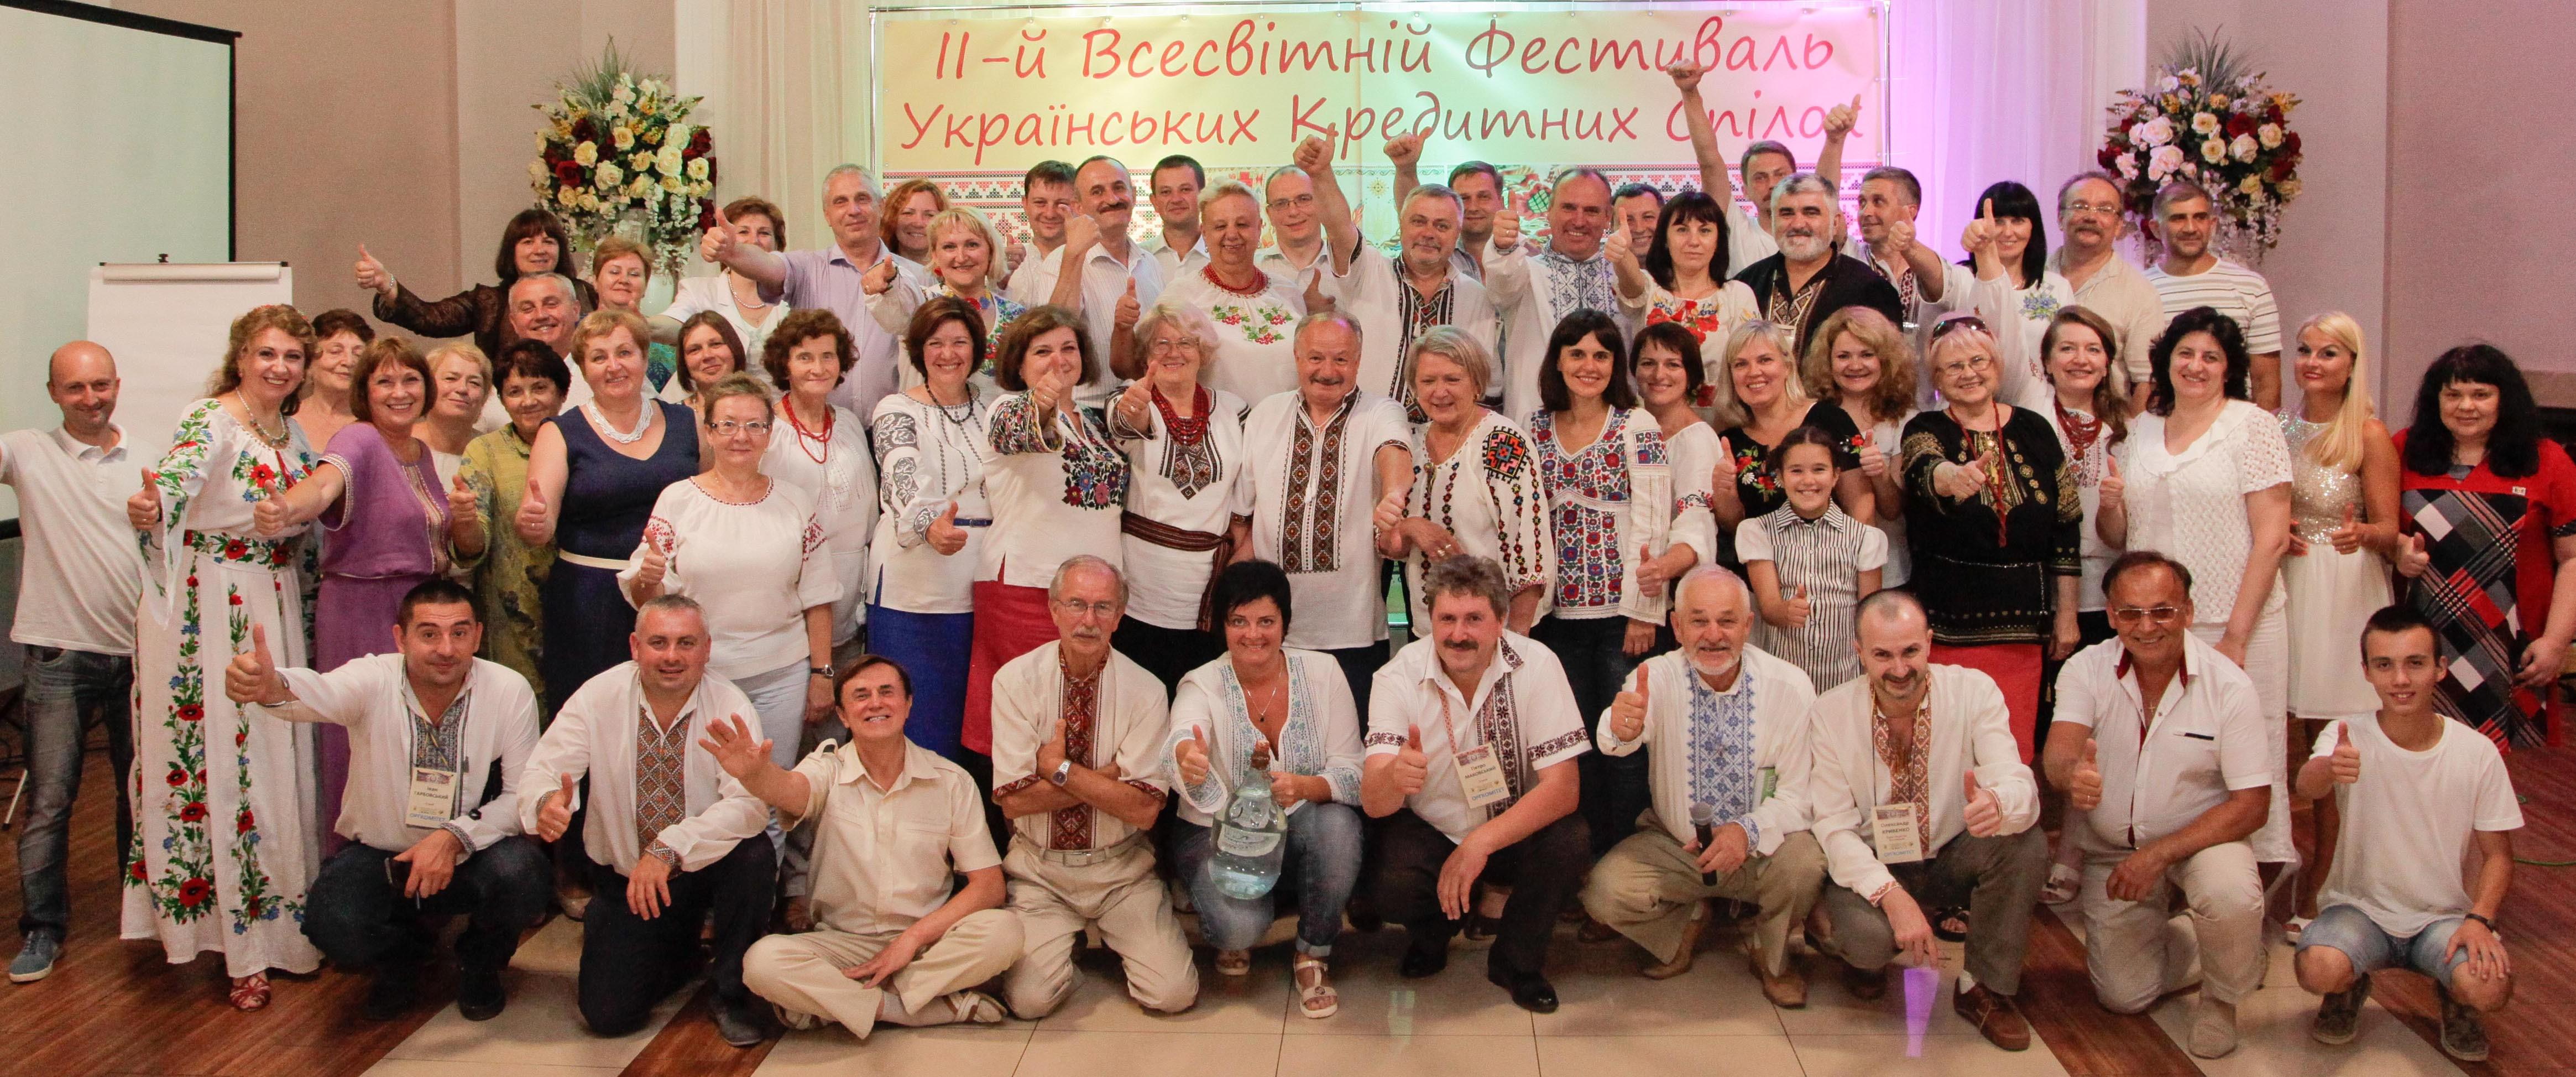 Всесвітній Фестиваль Українських Кредитних Спілок e146c95ecfda1